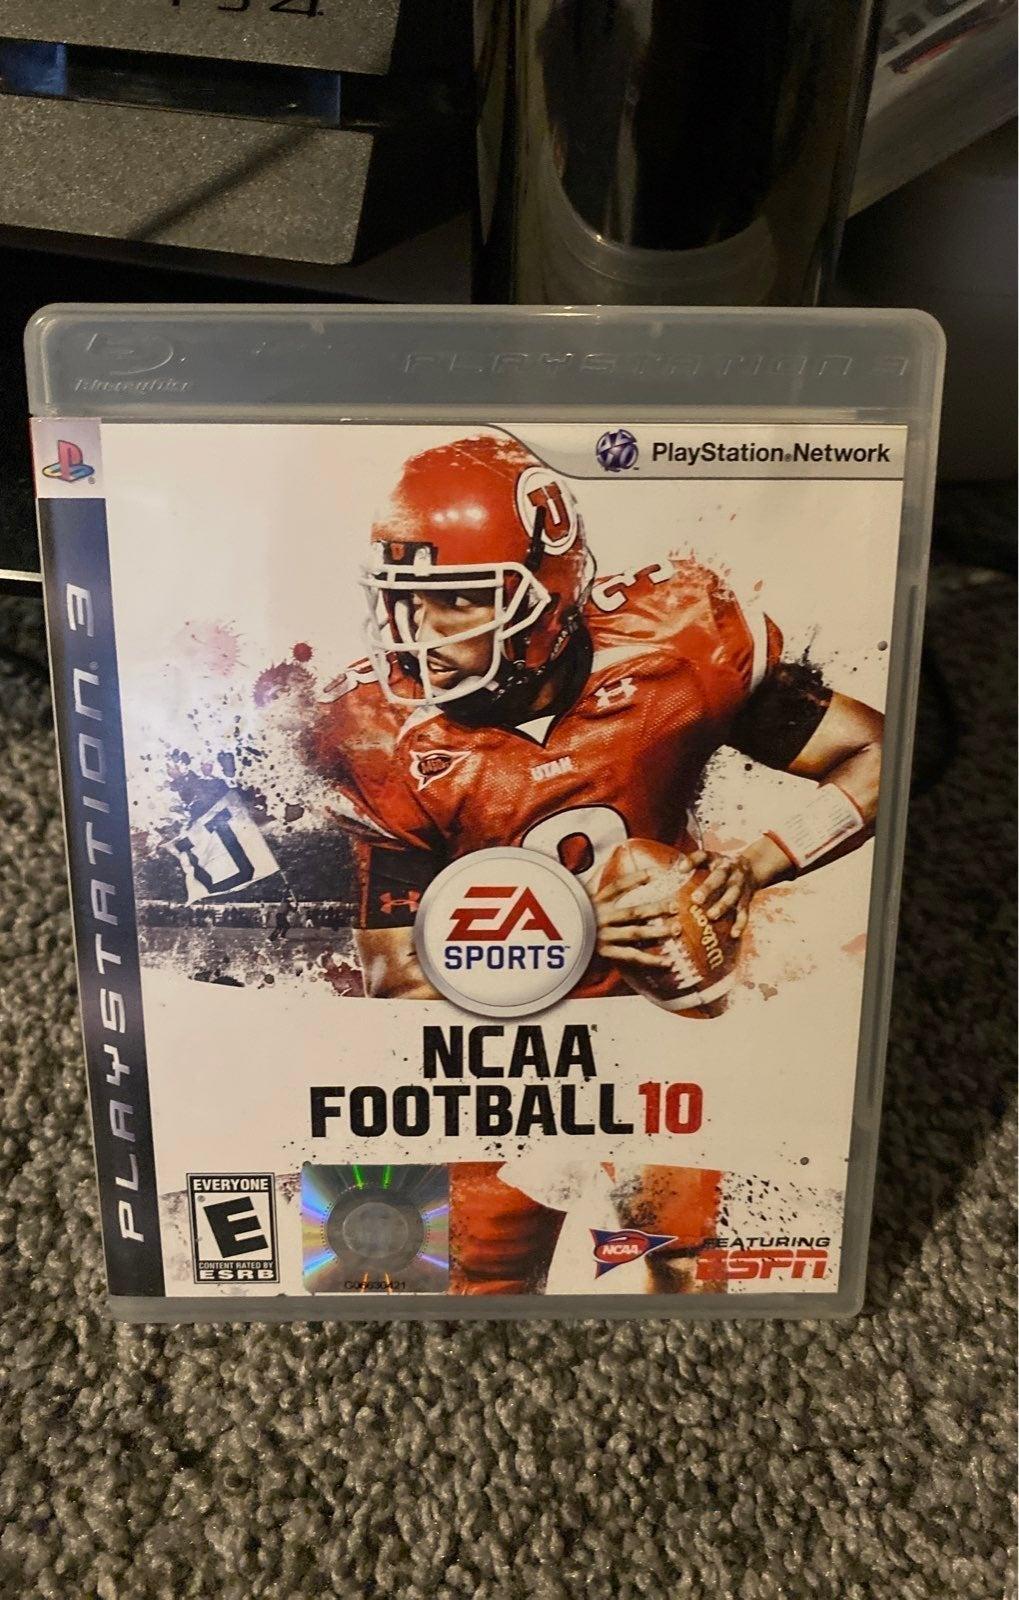 NCAA Football 10 on Playstation 3